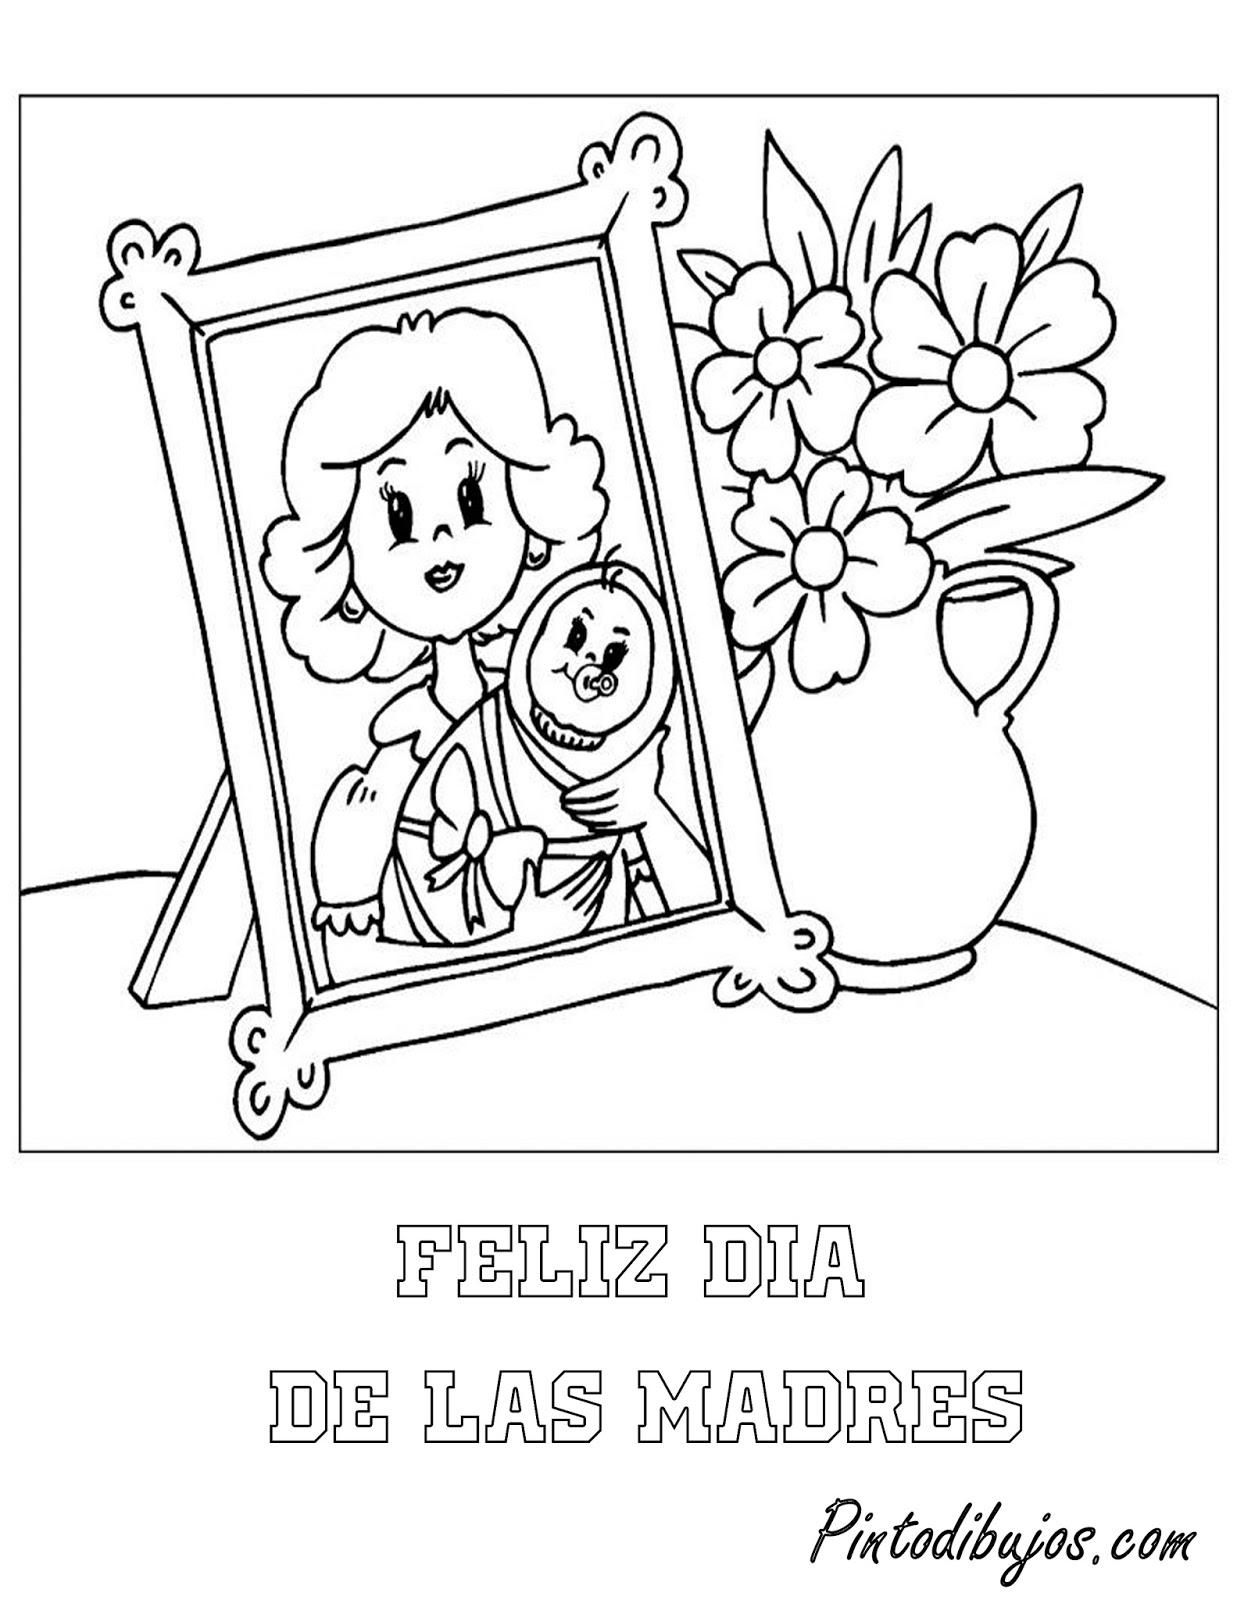 Tarjeta del dia de las madres para colorear